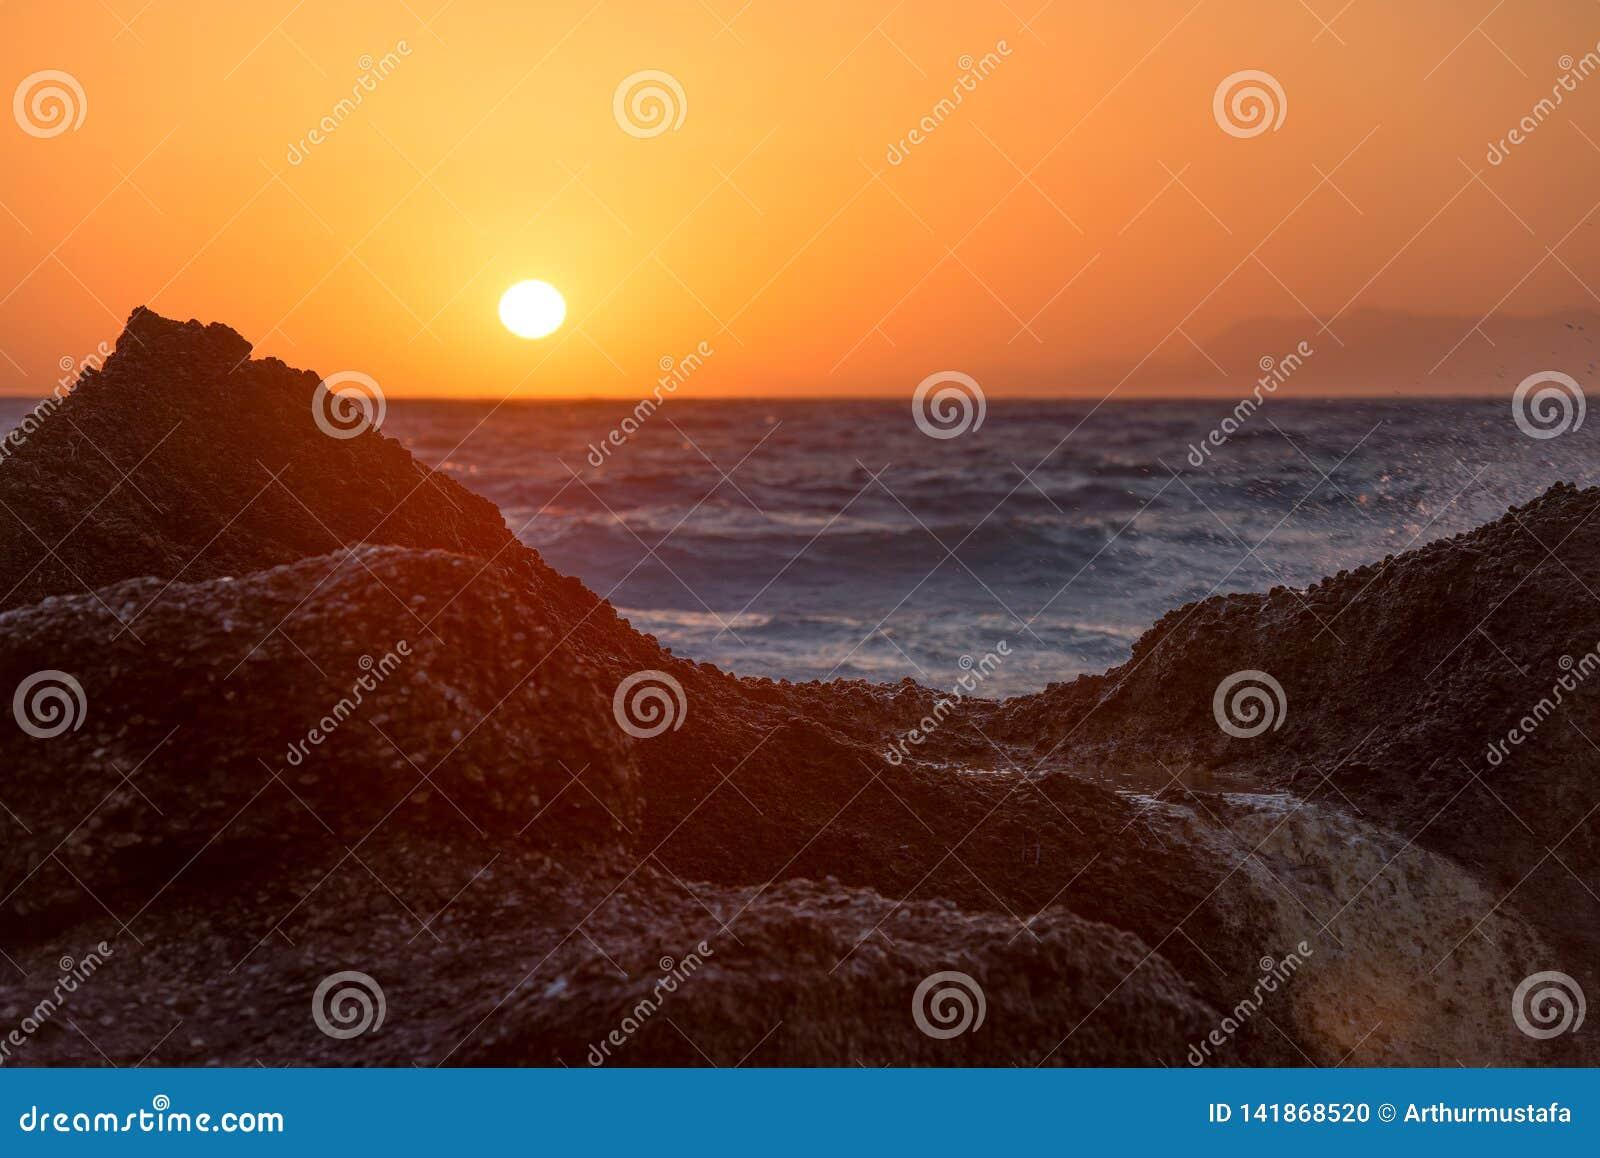 Härligt varmt solnedgångljus som glöder över en stenig tropisk strand